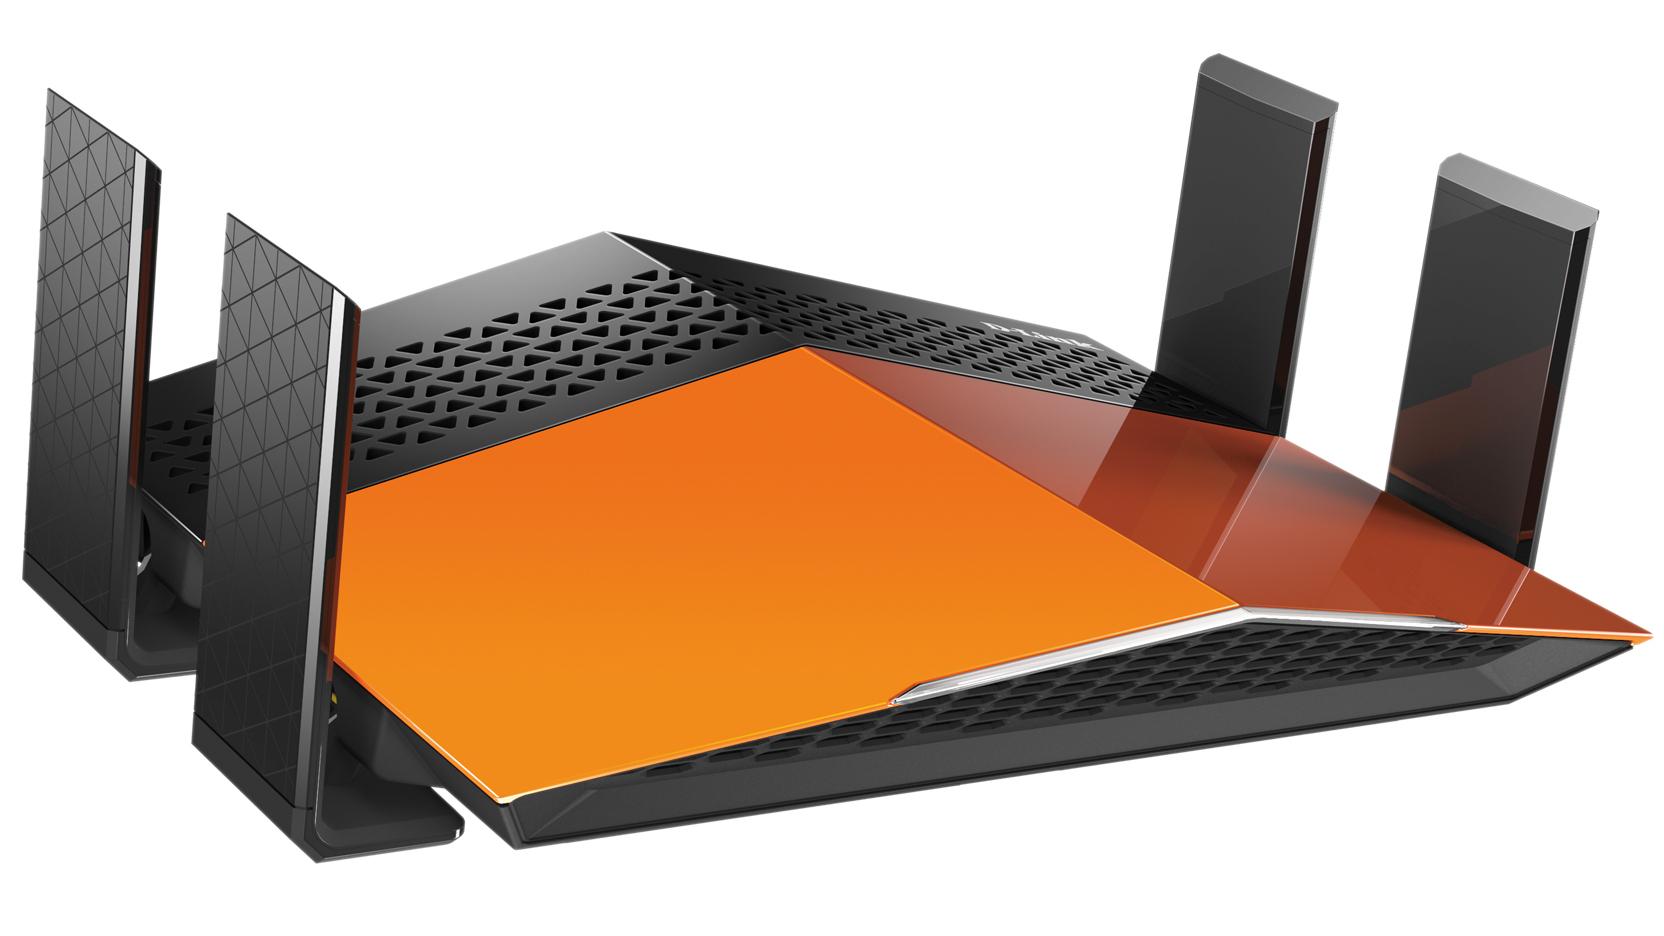 D-LINK AC1900 EXO Router DIR-879 mit WLAN AC, 4x GBit LAN und bis zu 1900 MBit/s für 99€ als Deal des Tages bei Notebooksbilliger